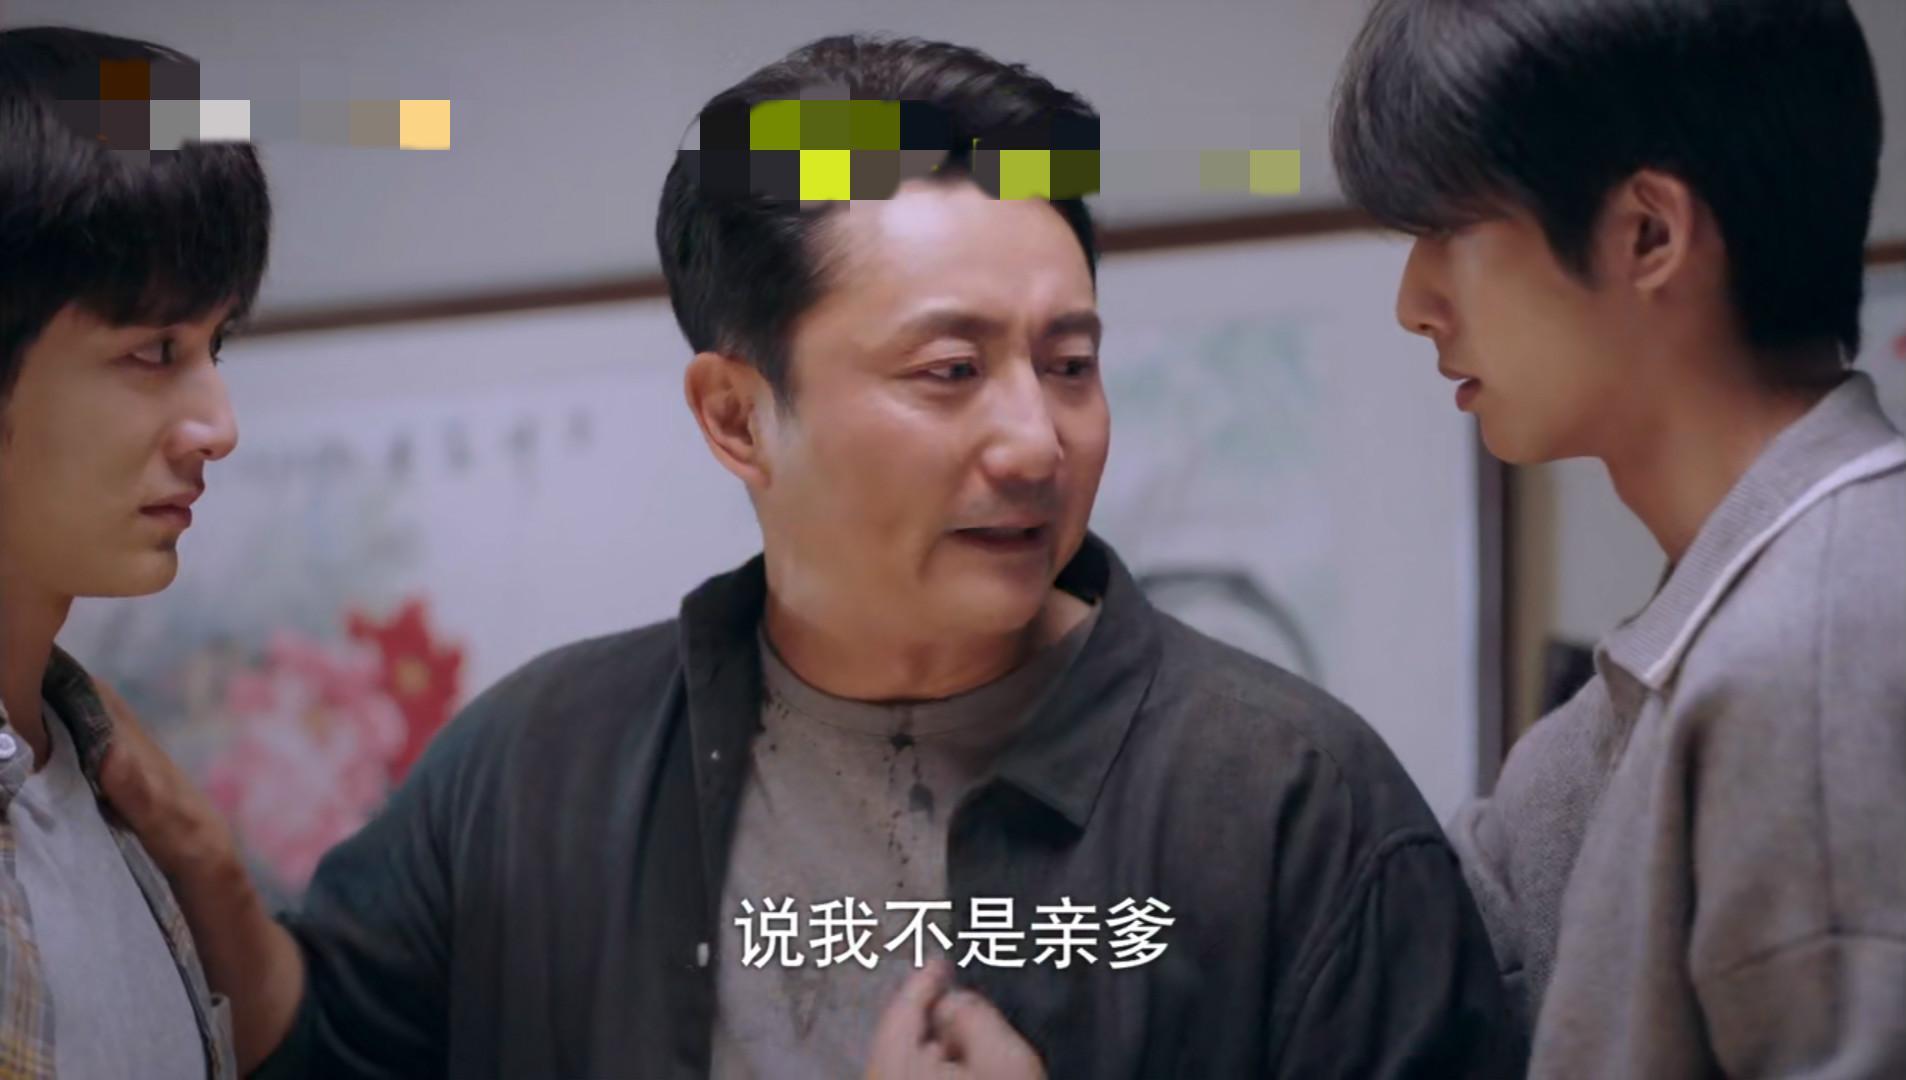 涂松岩:22岁拒绝名导名作,39岁当爸息影,复出后演哭众人